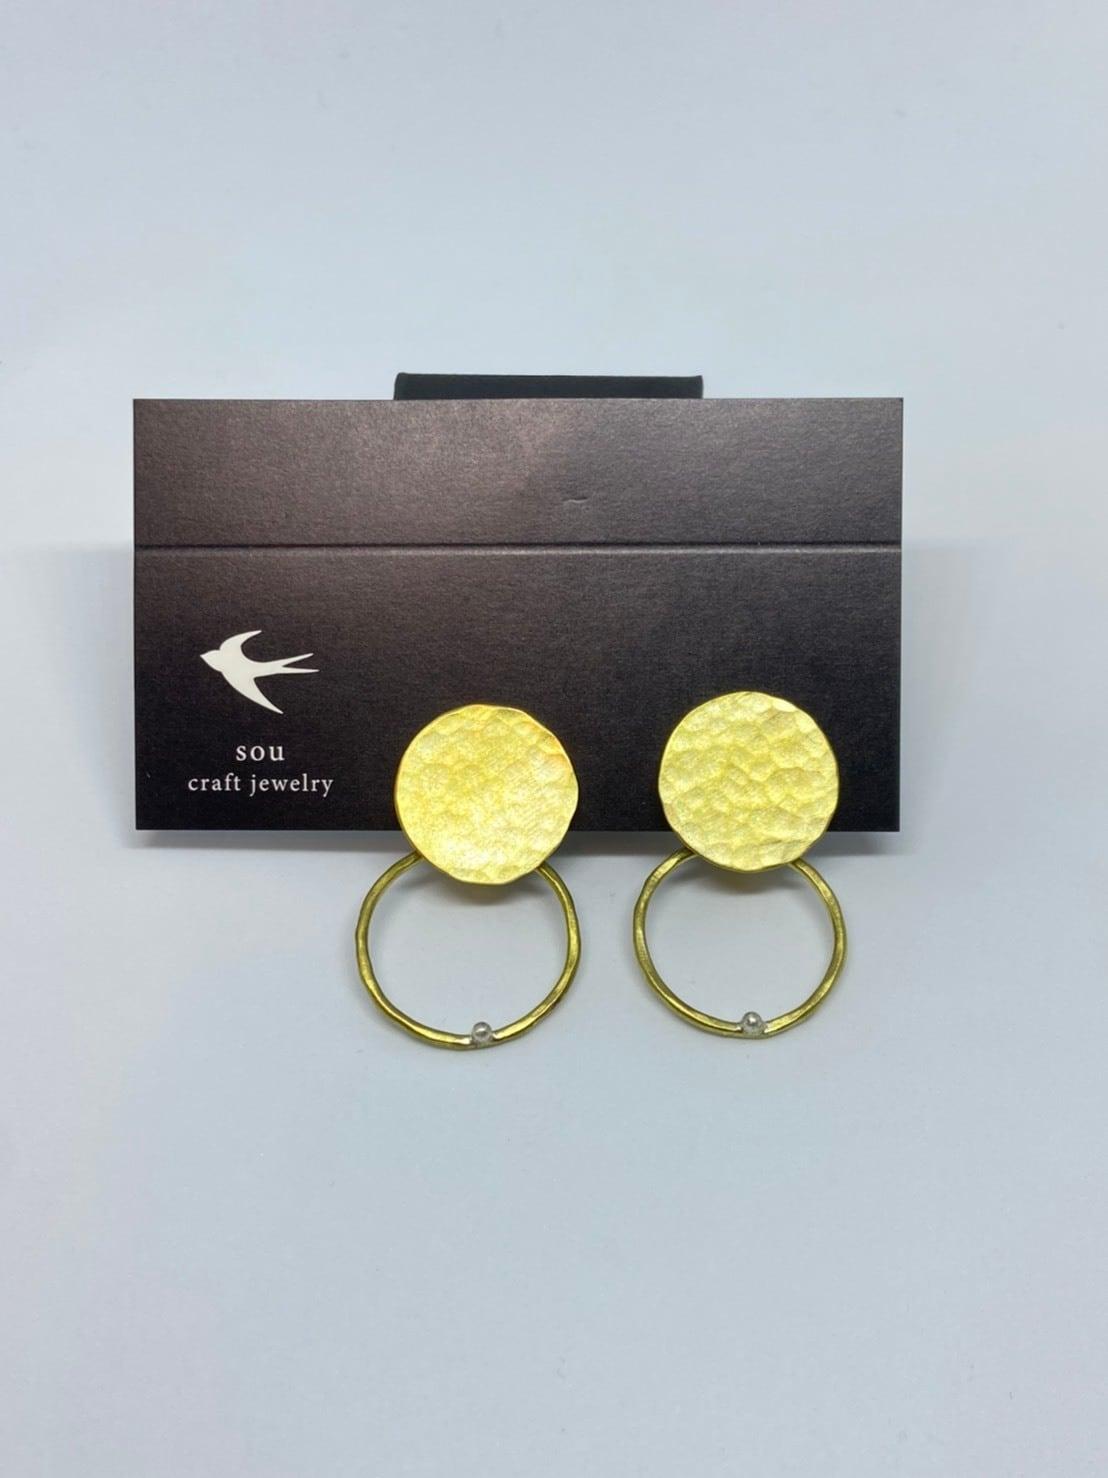 【atelier sou】2way真鍮プレートイヤリング